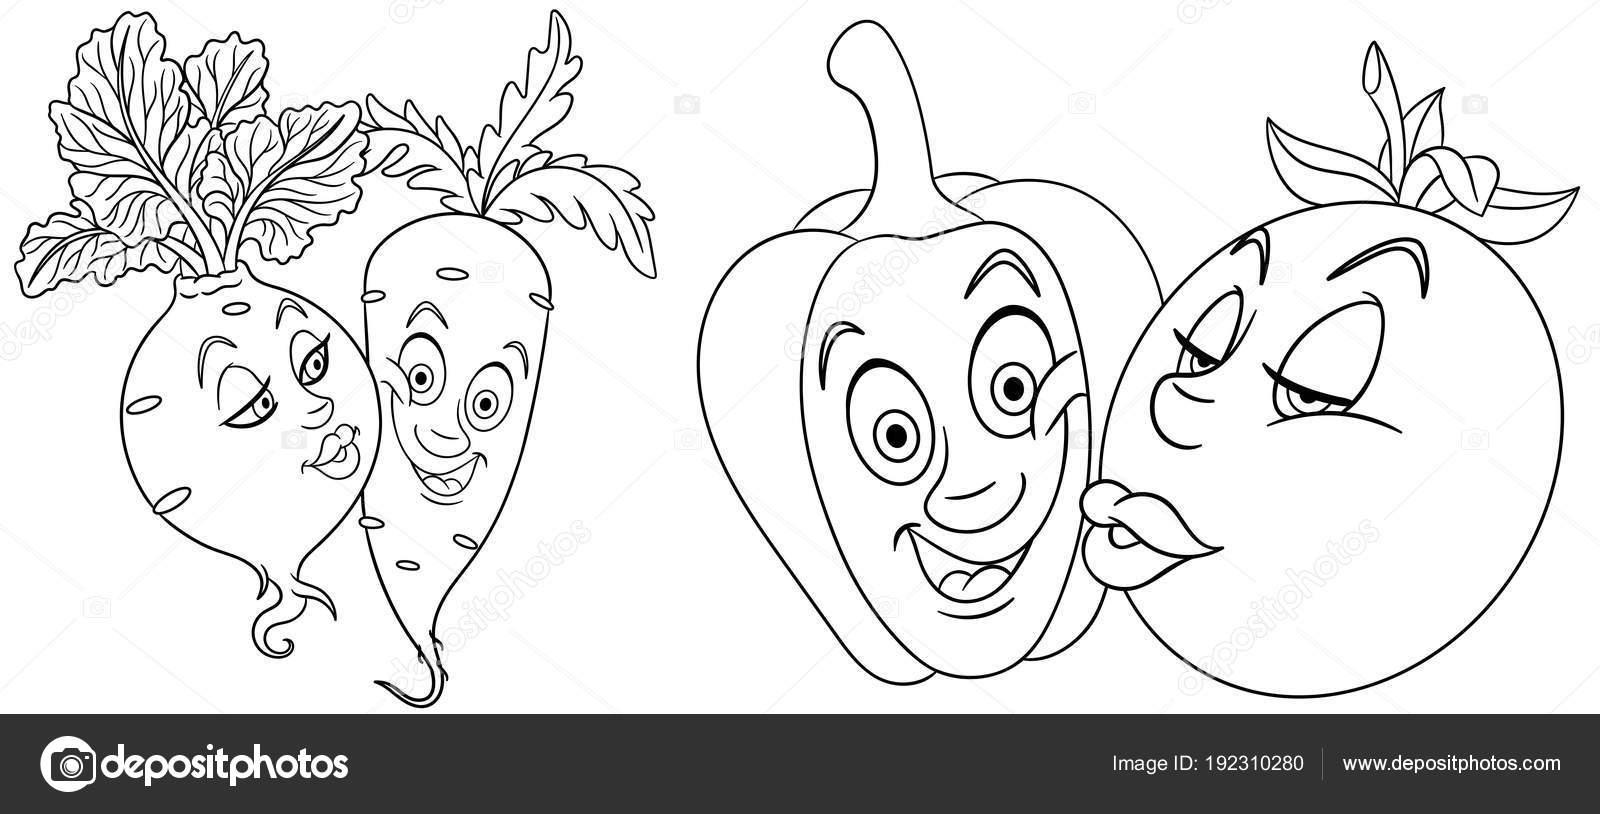 Kleurplaten Emoji.Kleurplaten Cartoon Groenten Liefde Mooie Kus Emoticons Emoji Voor